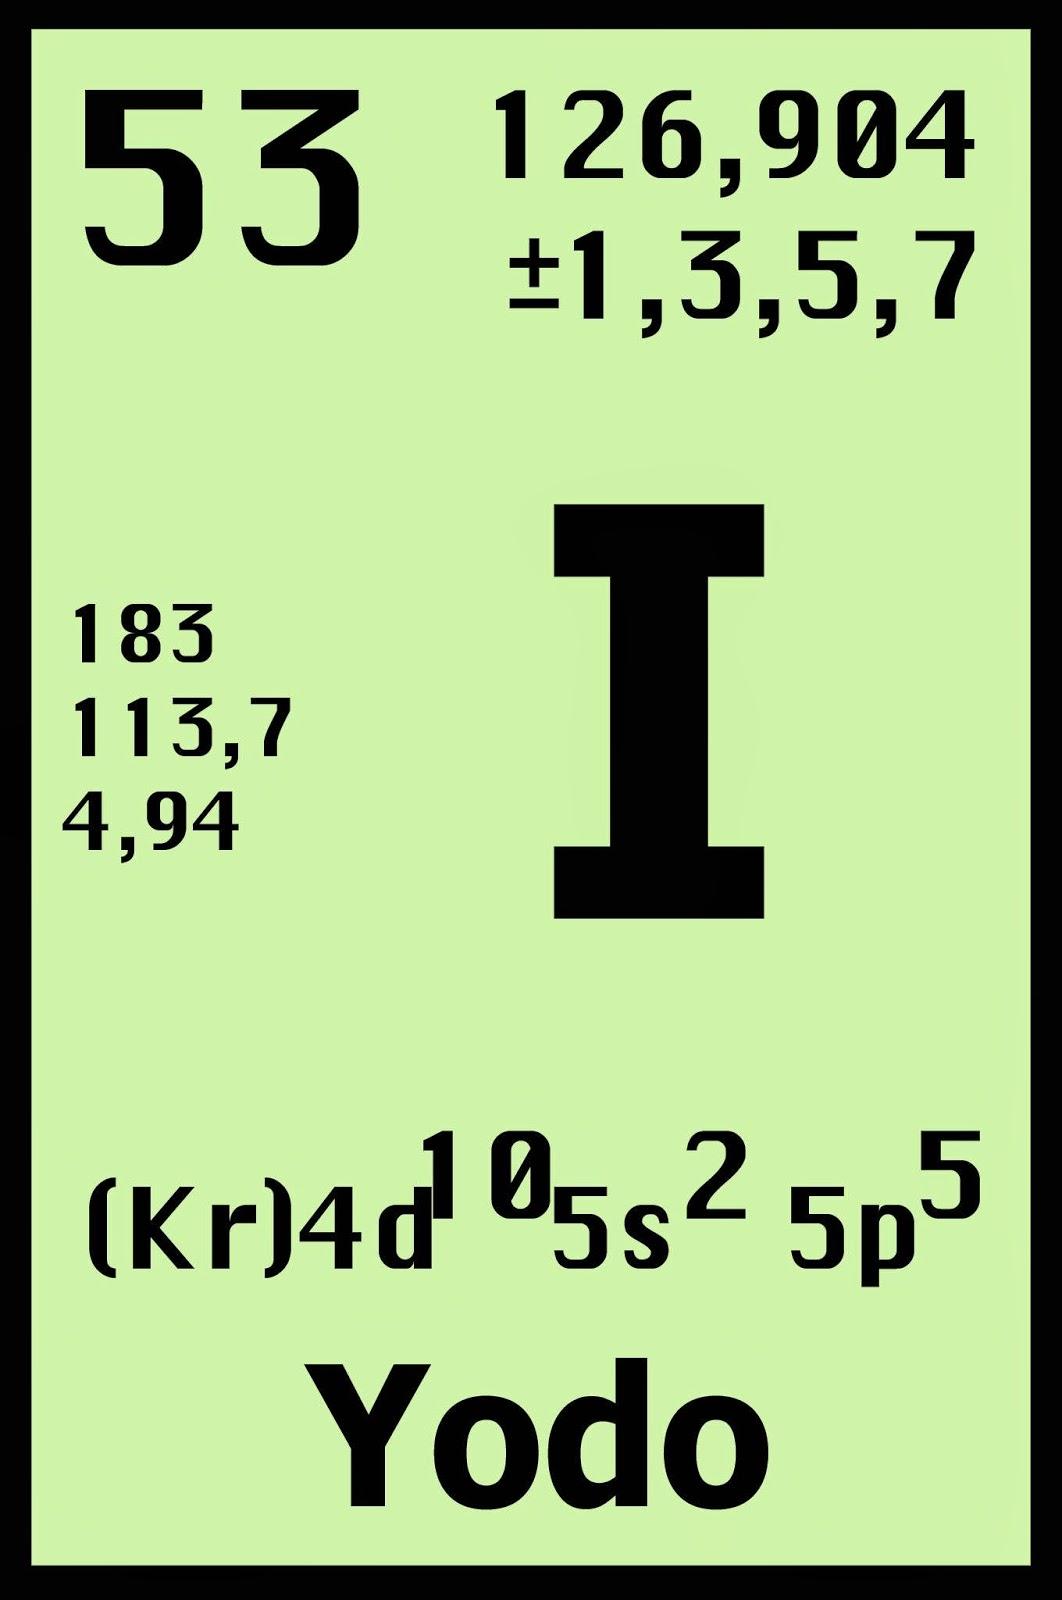 El yodo el yodo en la tabla periodica configuracin electrnica kr 4d10 5s2 5p urtaz Image collections